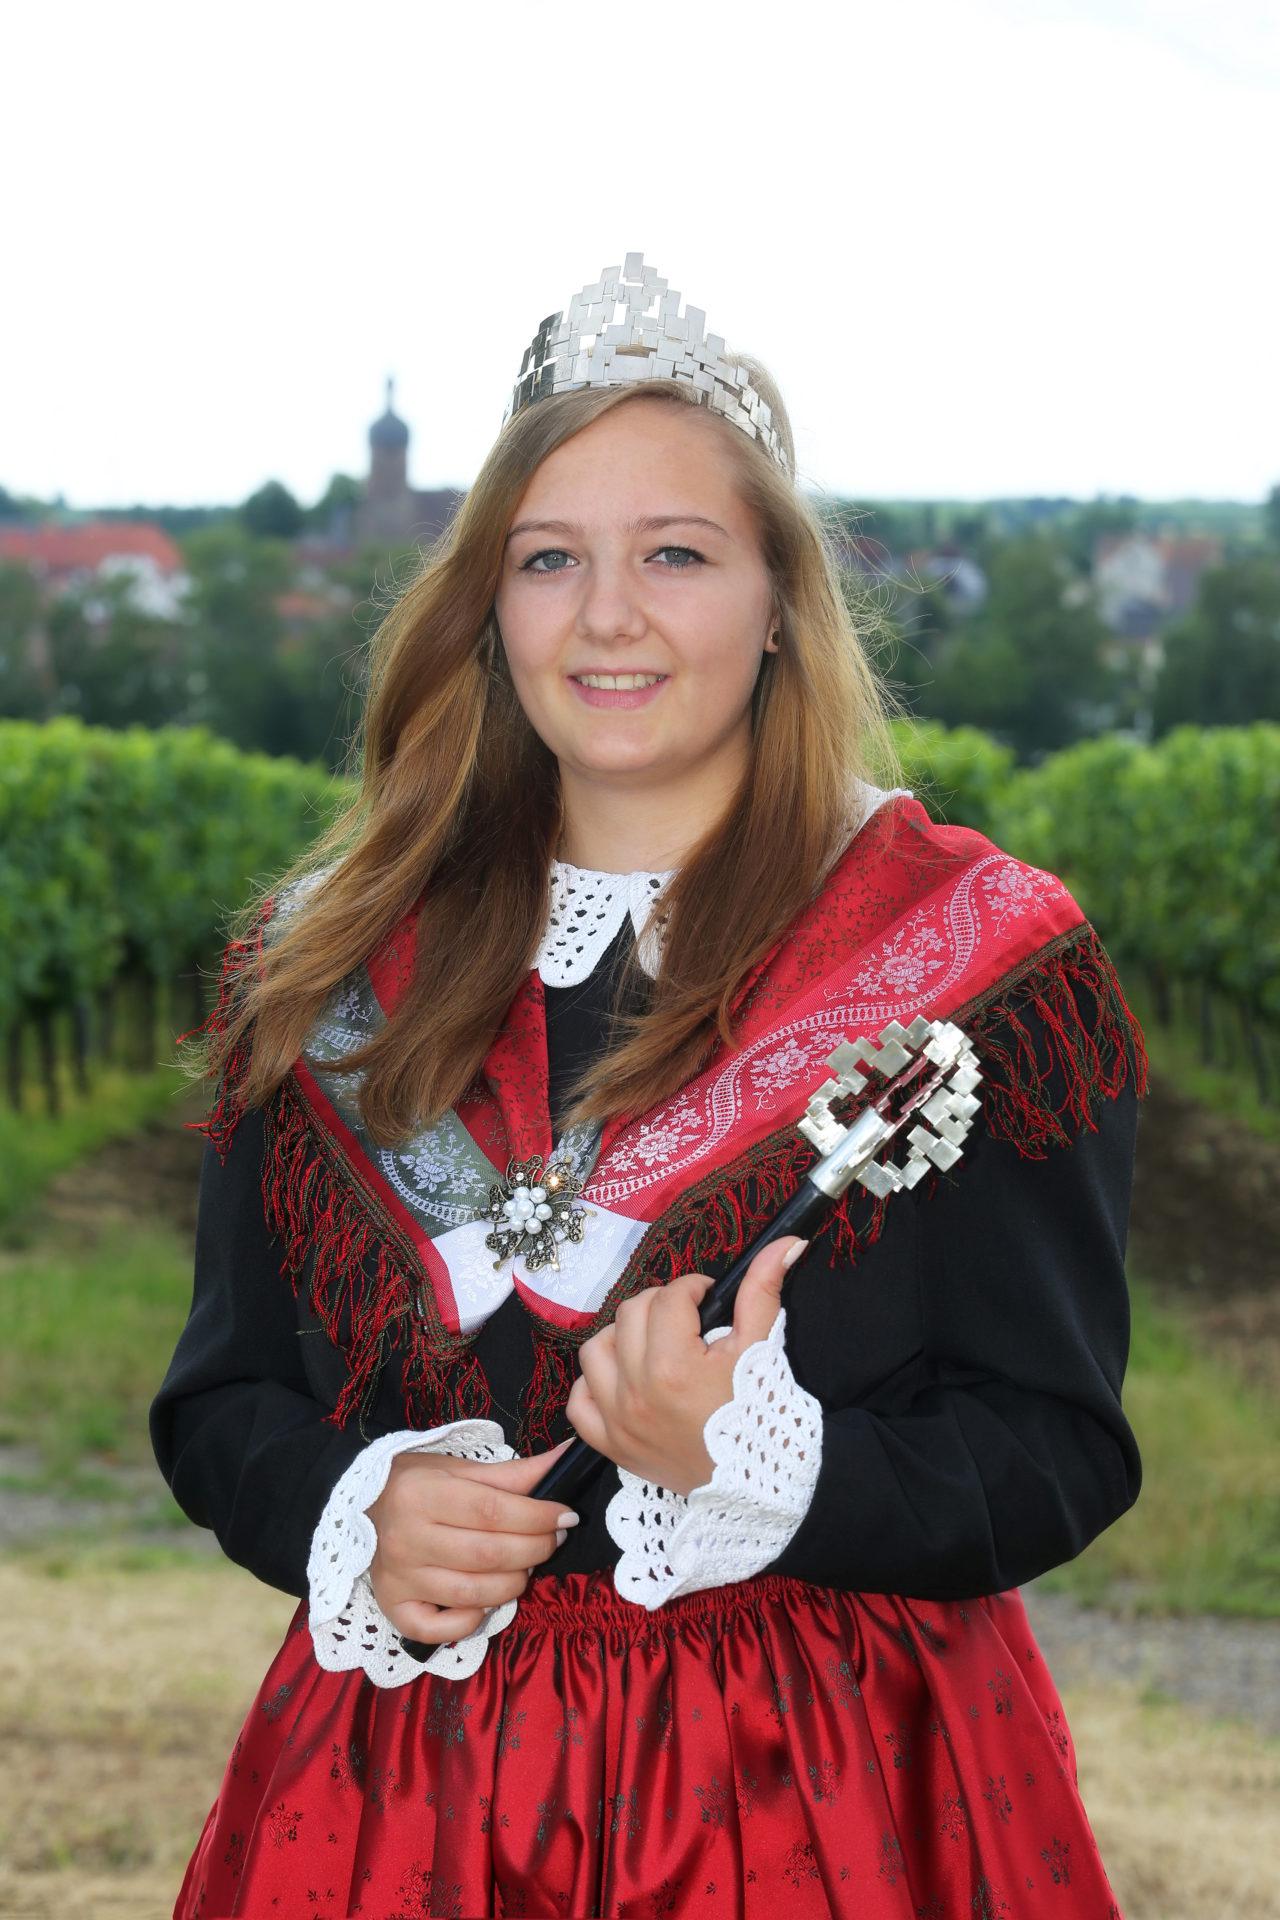 Purzelmarktkönigin 2018/2019 Franziska I.